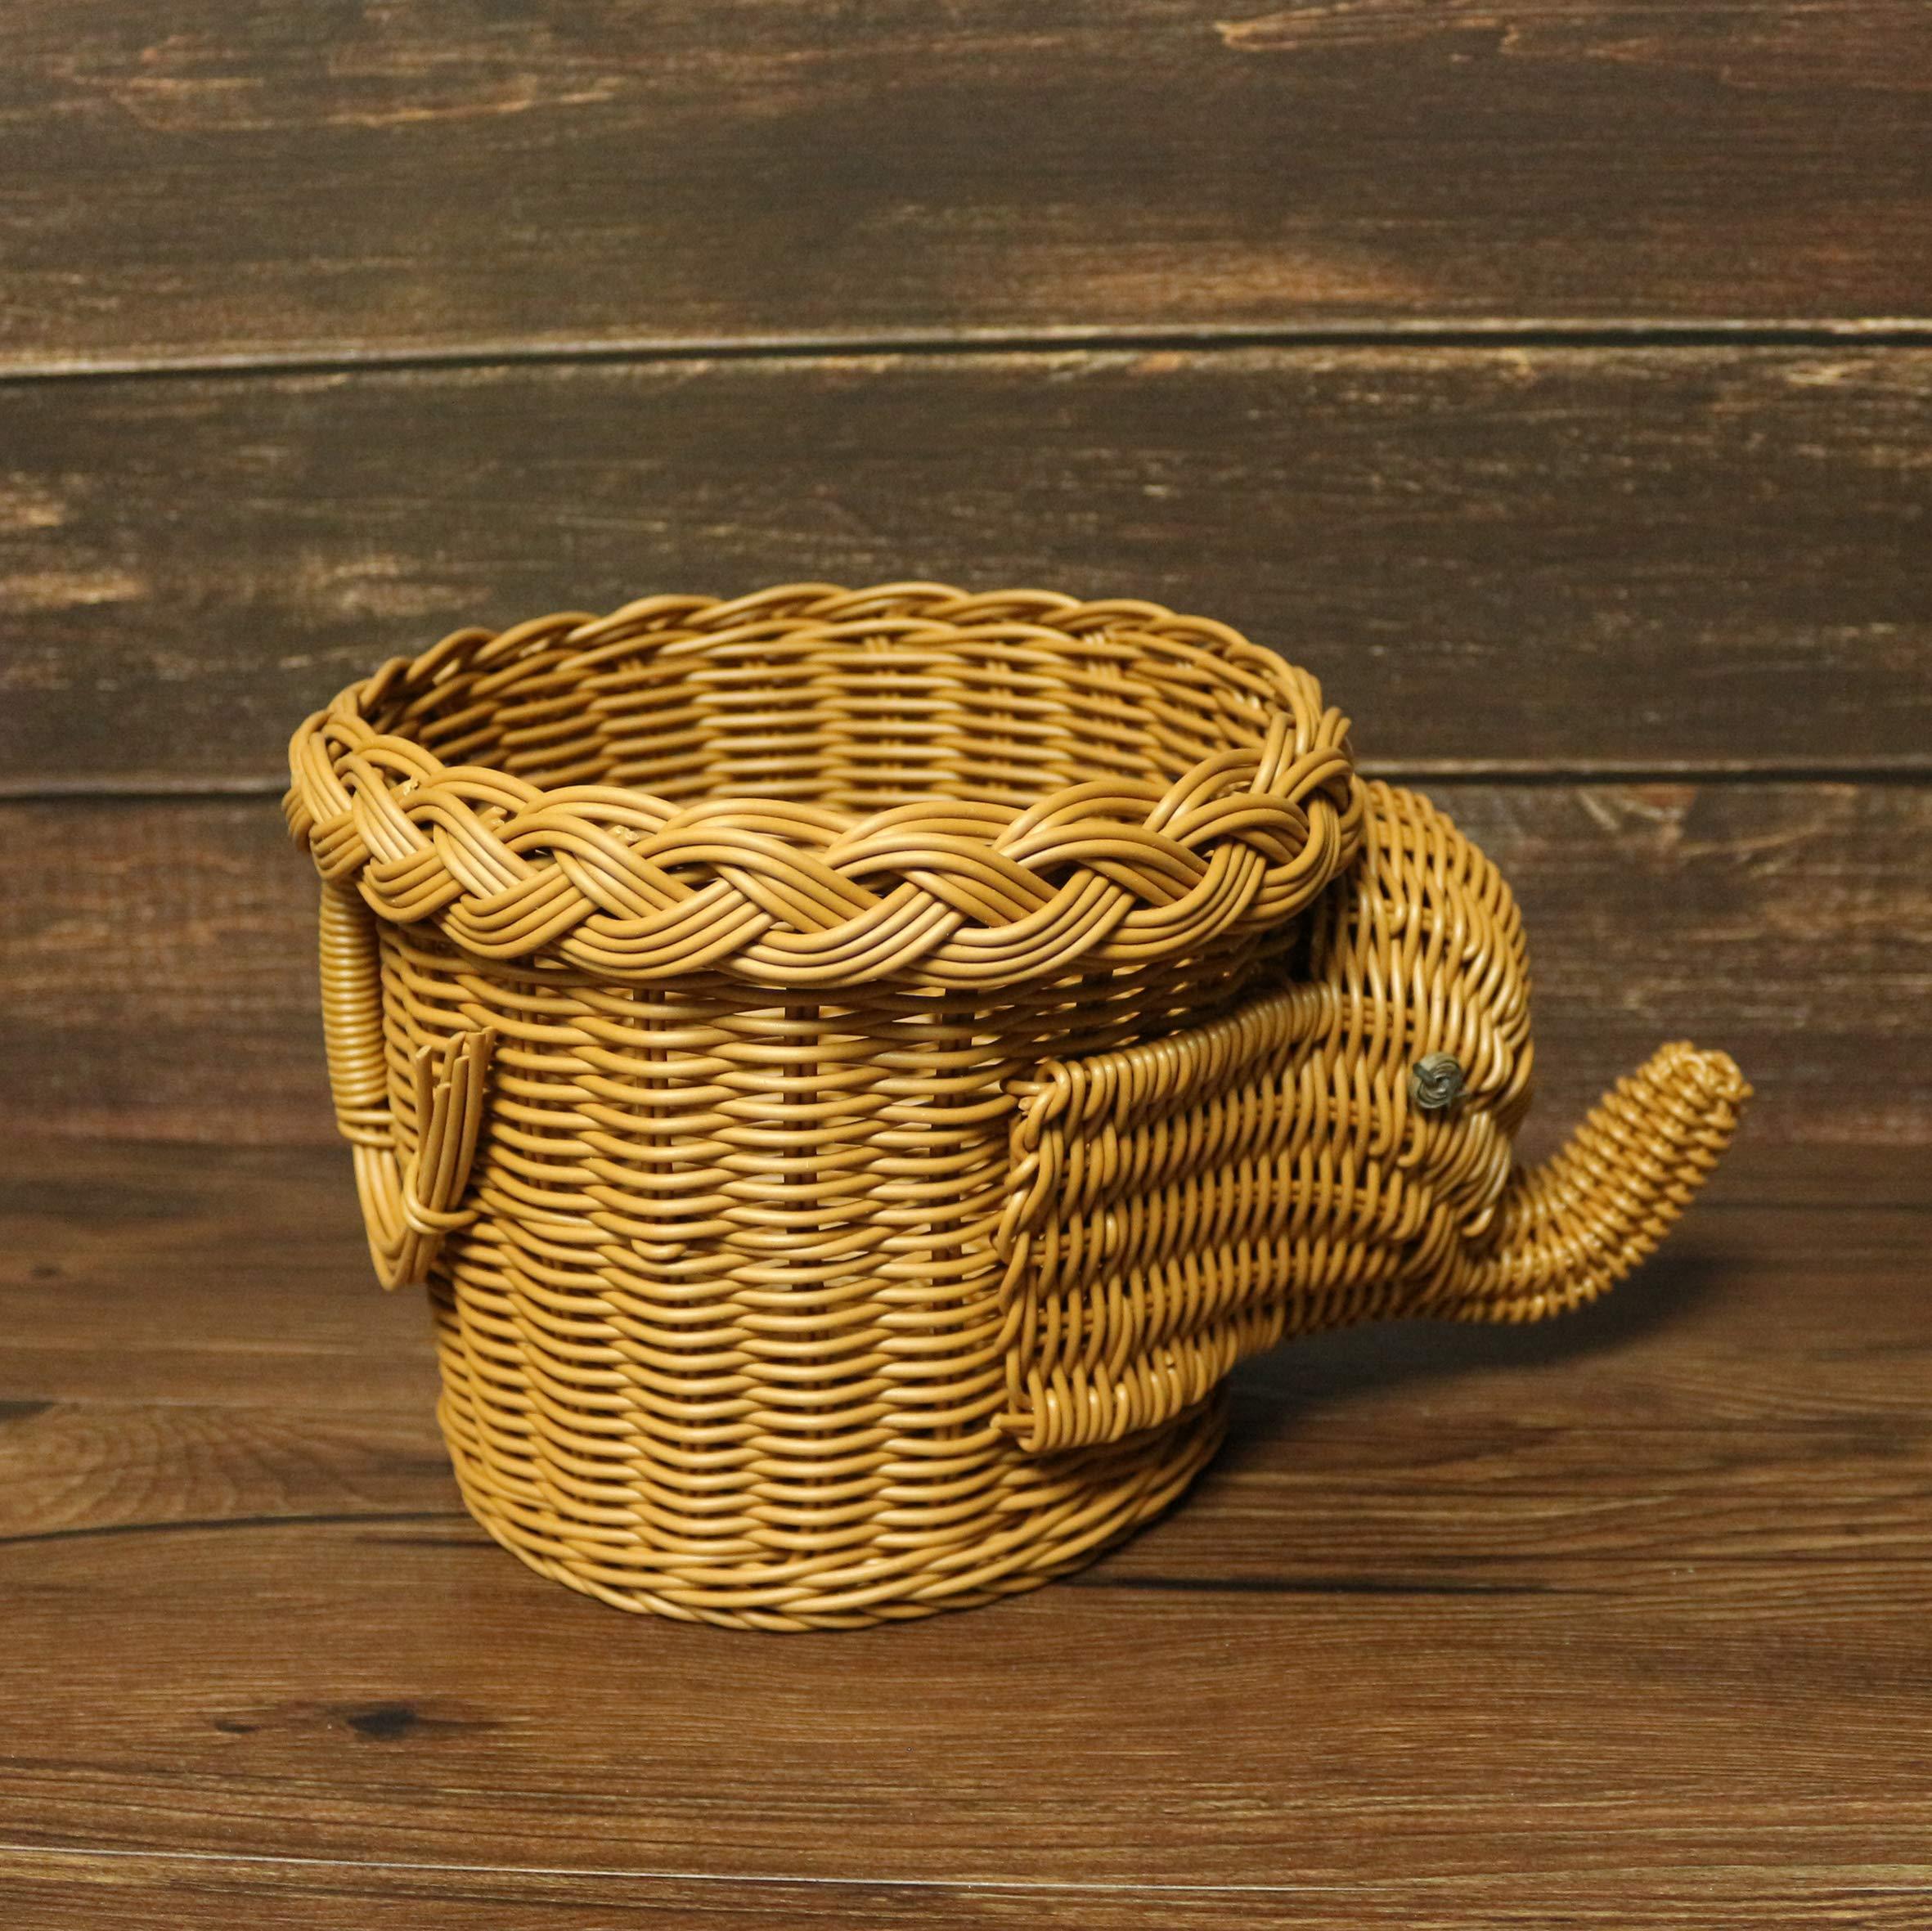 CVHOMEDECO. Elephant Design Imitation Rattan Fruit Basket Bread Basket Storage Basket Resin Wicker Artificial Plant Holder. Light Brown, 11-1/2''L by CVHOMEDECO. (Image #5)